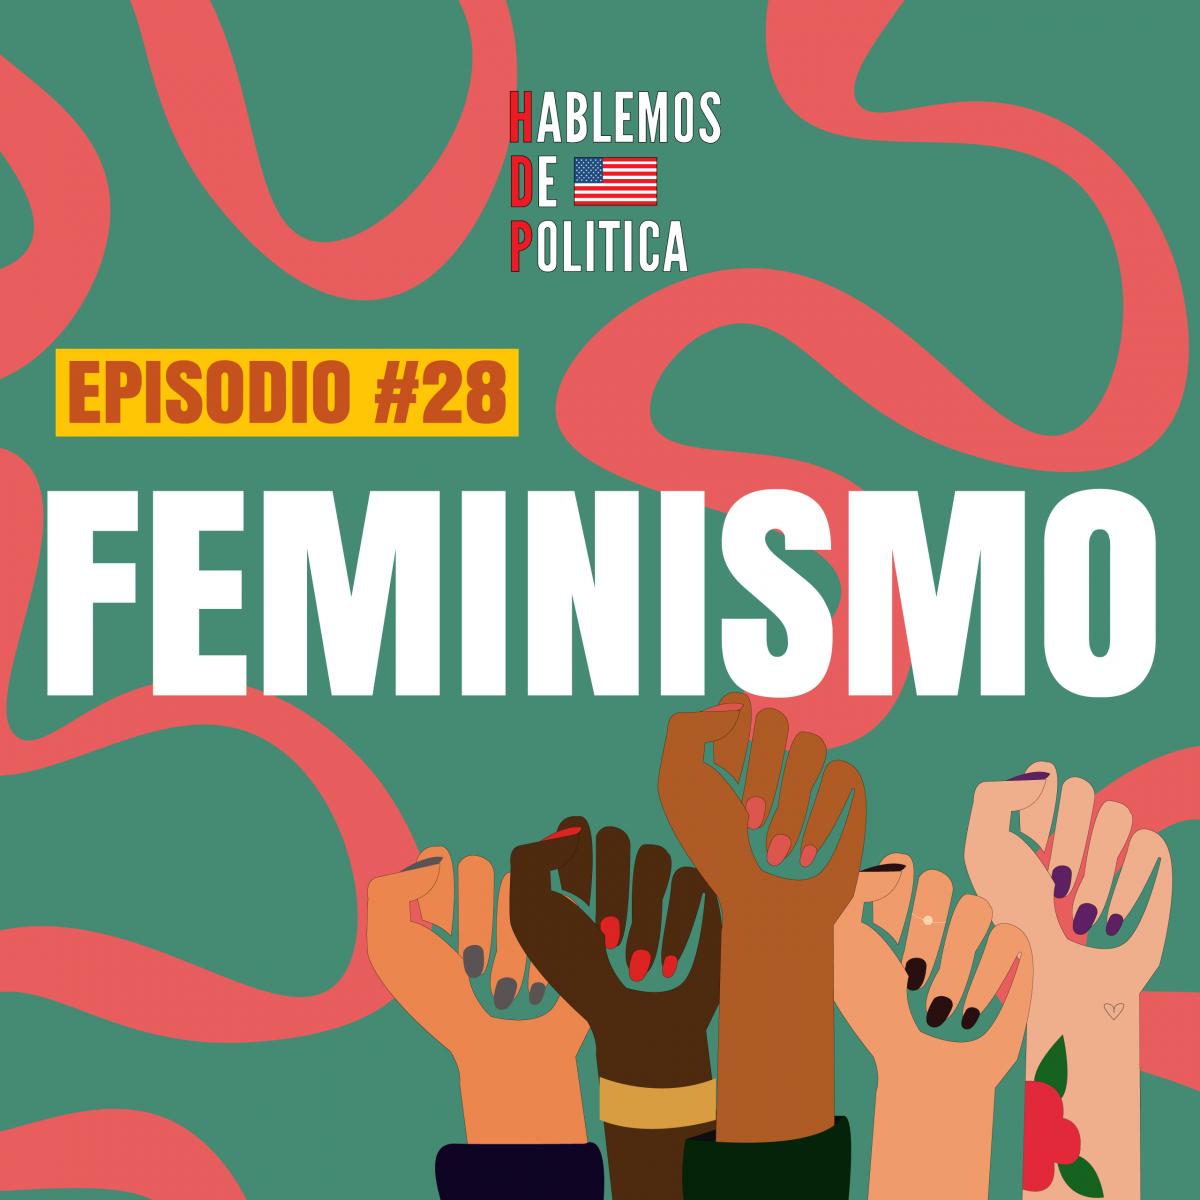 Feminismo y género